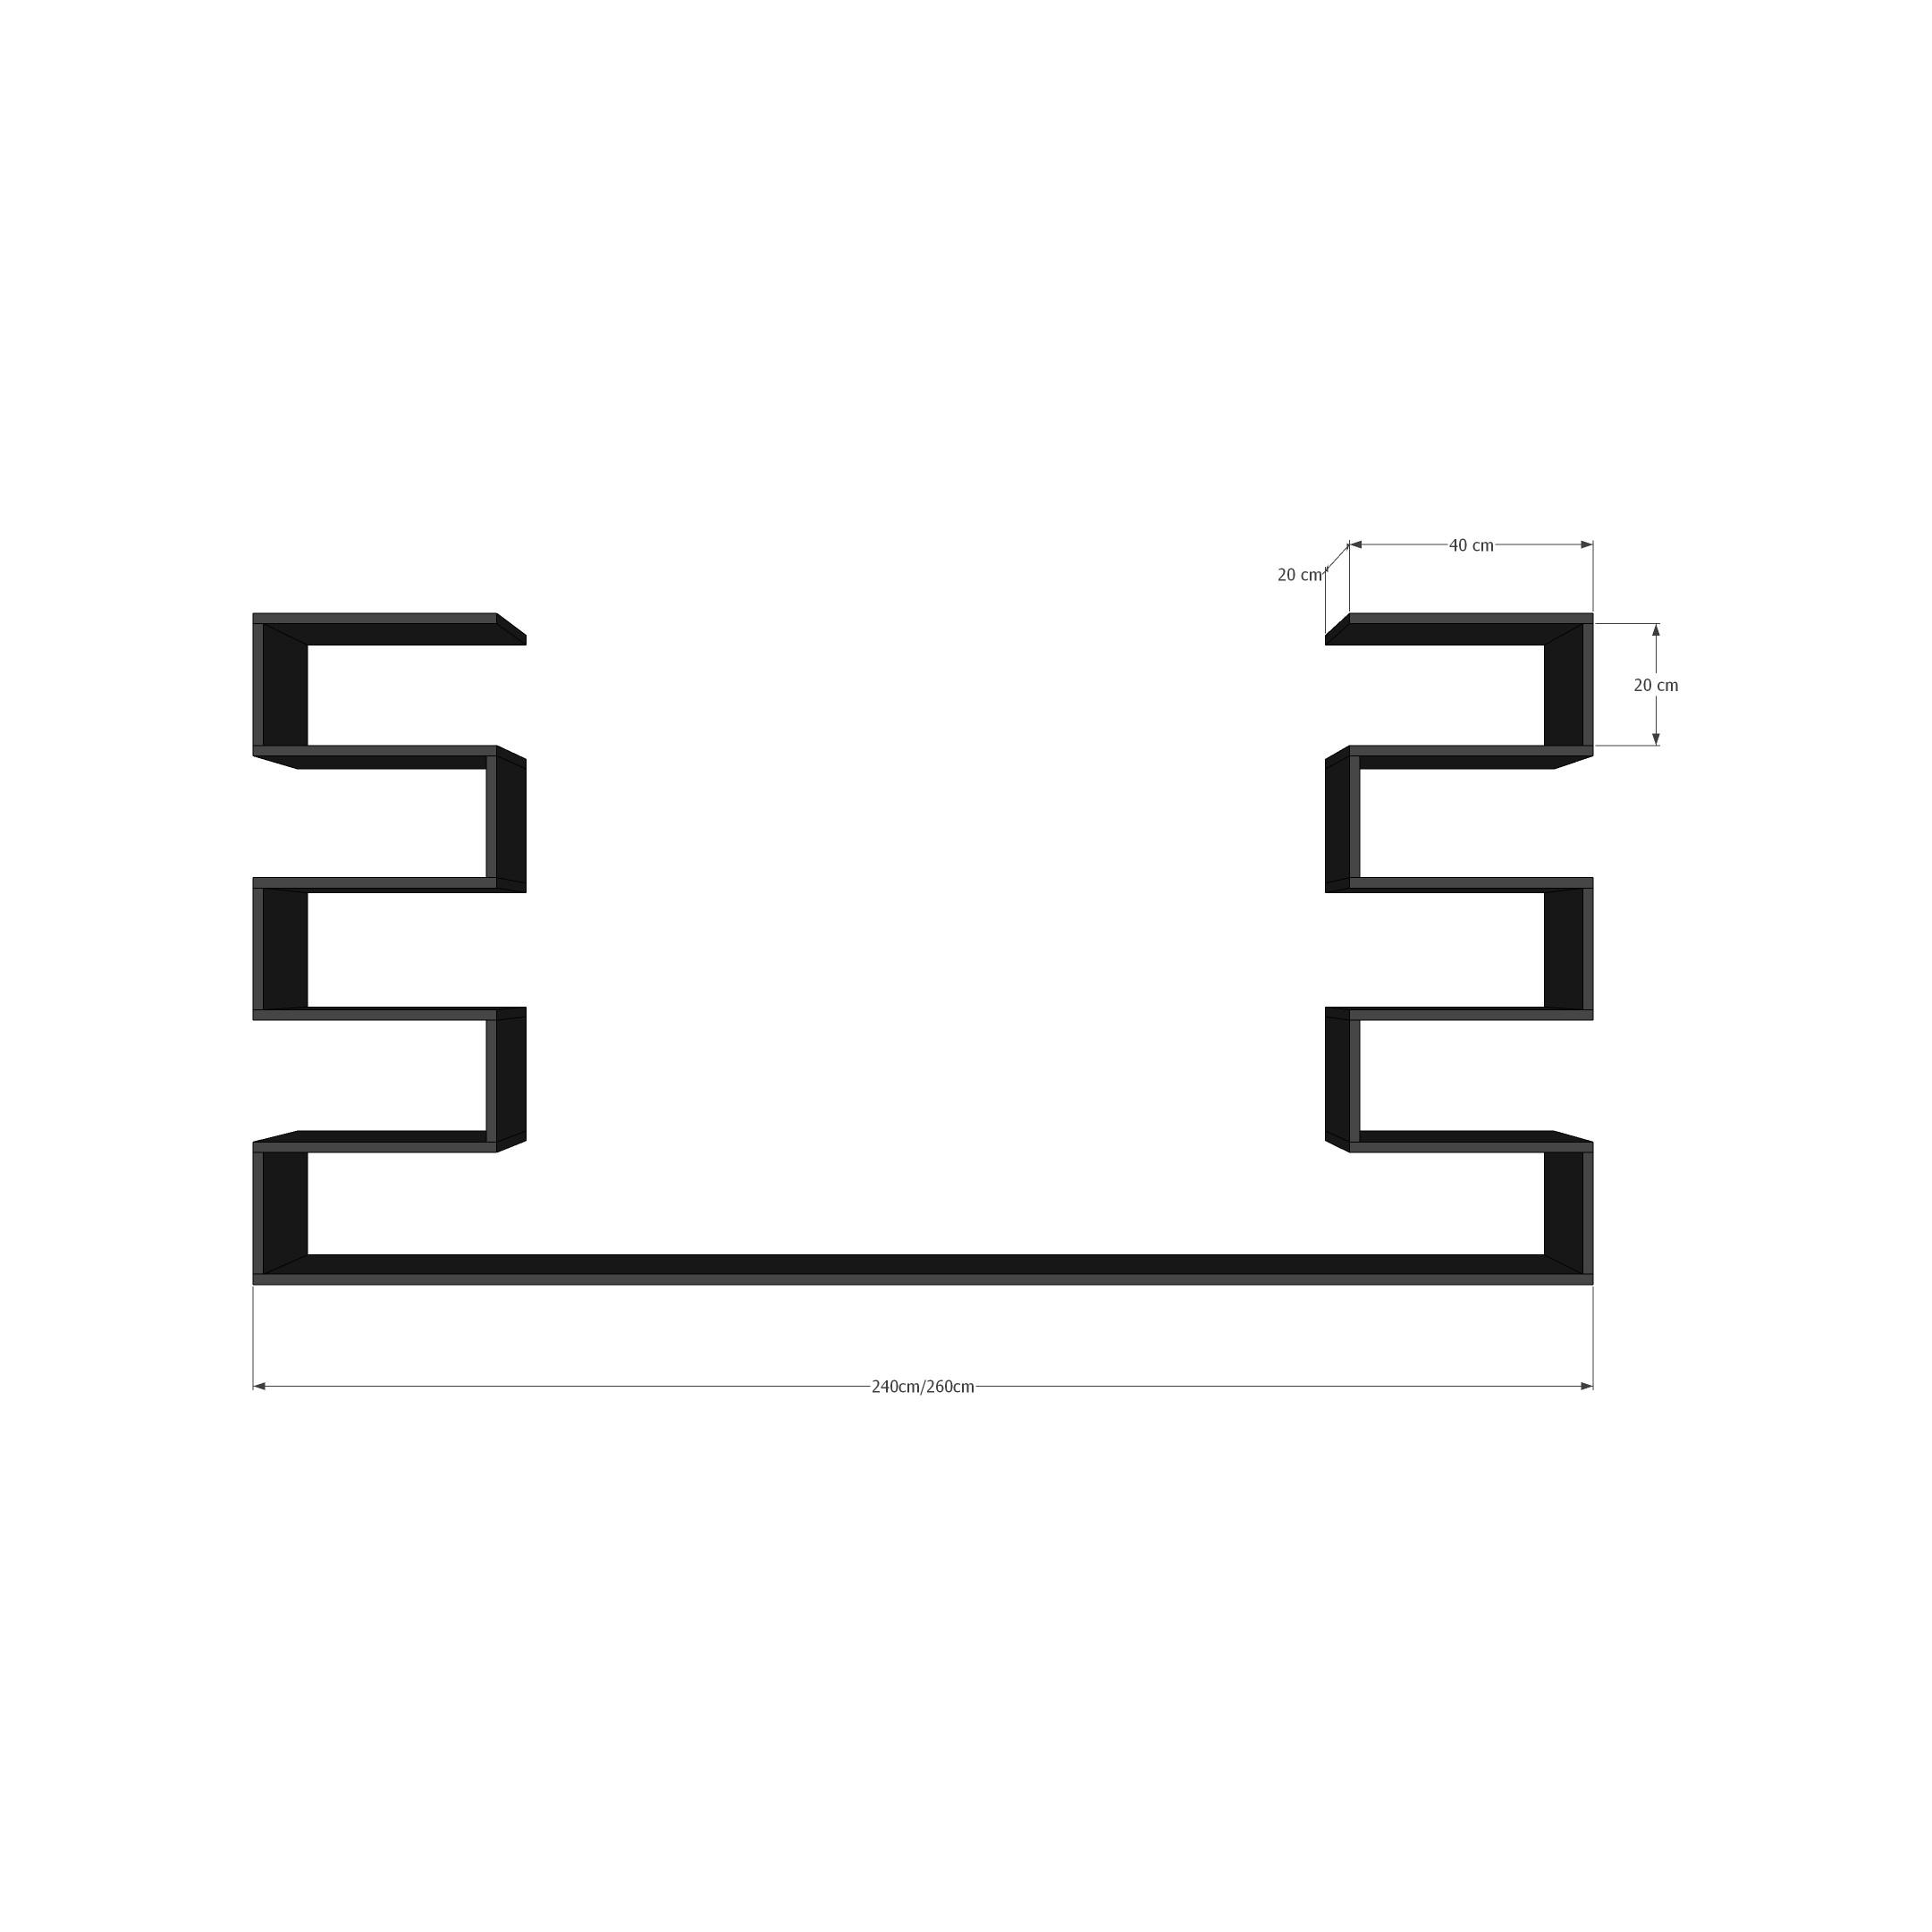 Kệ Để Chai Vang Treo Tường 2 Tầng SIB Decor Với 11 Ngăn Đựng Chai Để Nằm Và Giá Treo Ly Inox 304 Cao Cấp Cho Phòng Khách, Phòng Ăn